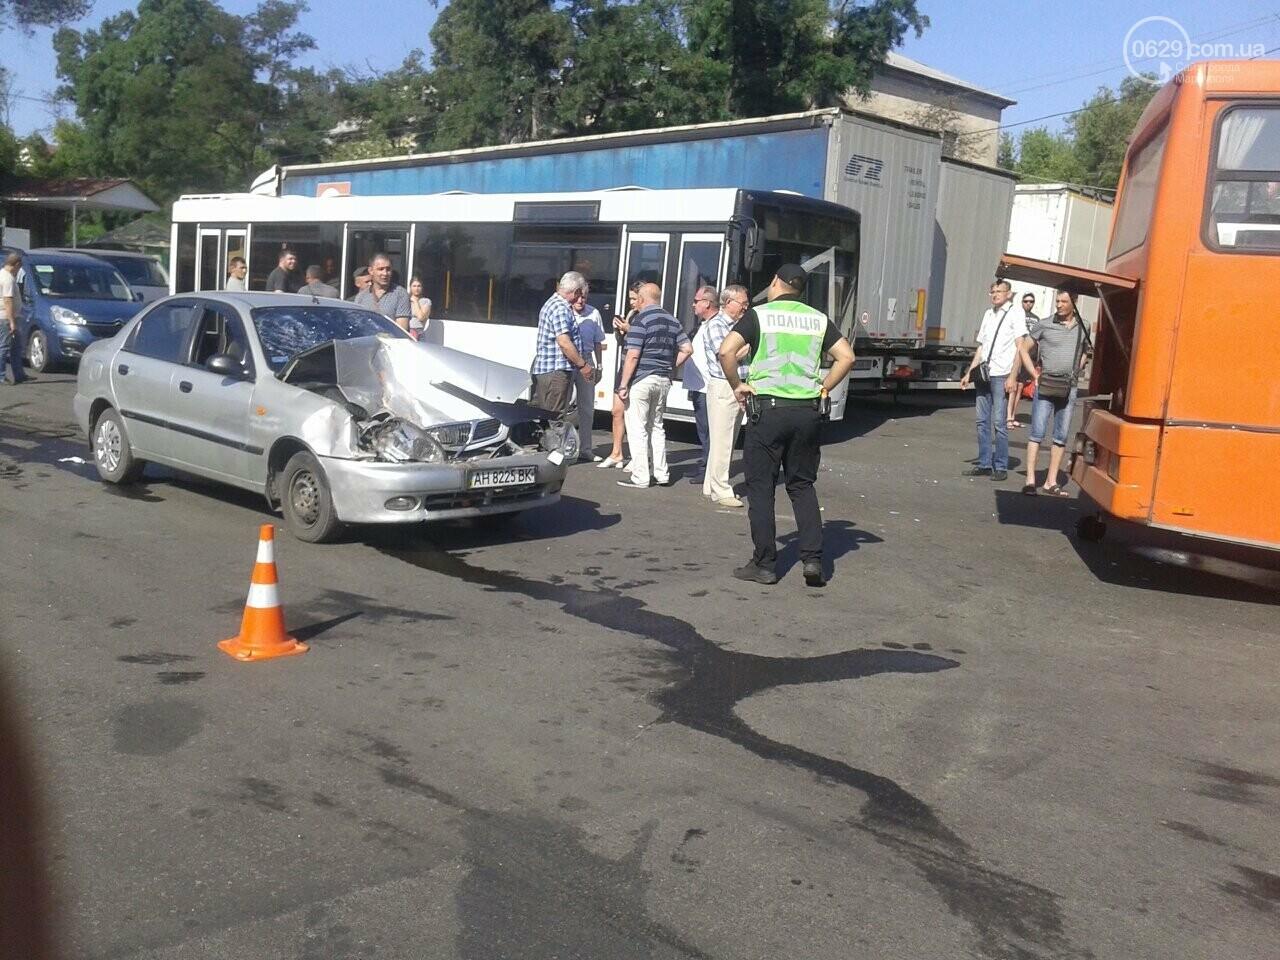 """В Мариуполе пьяный водитель """"Дэу"""" врезался в автобус, - ФОТО, фото-1"""